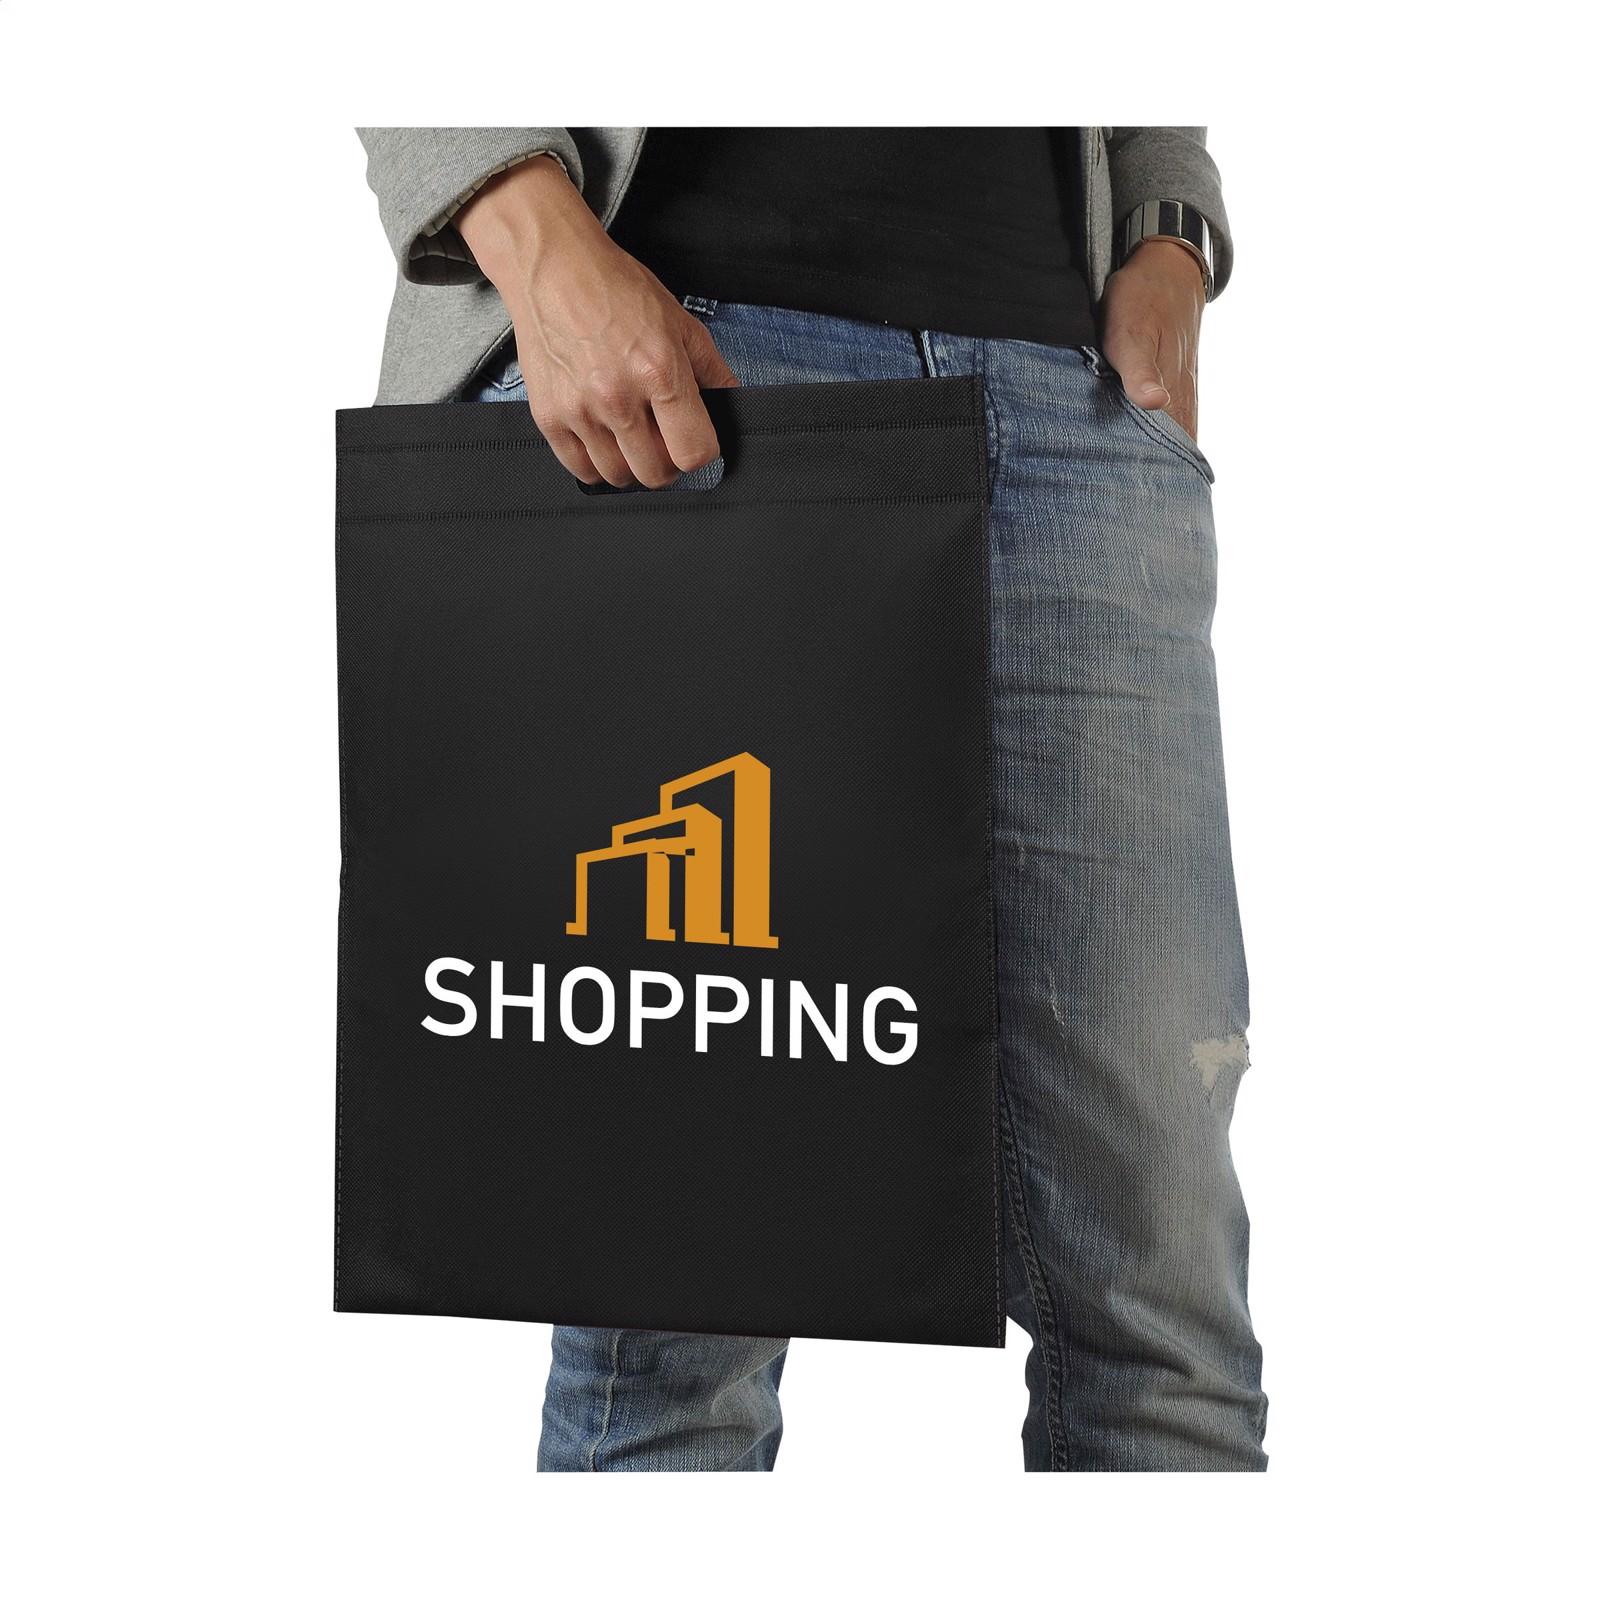 BaseBag promotional bag - Black